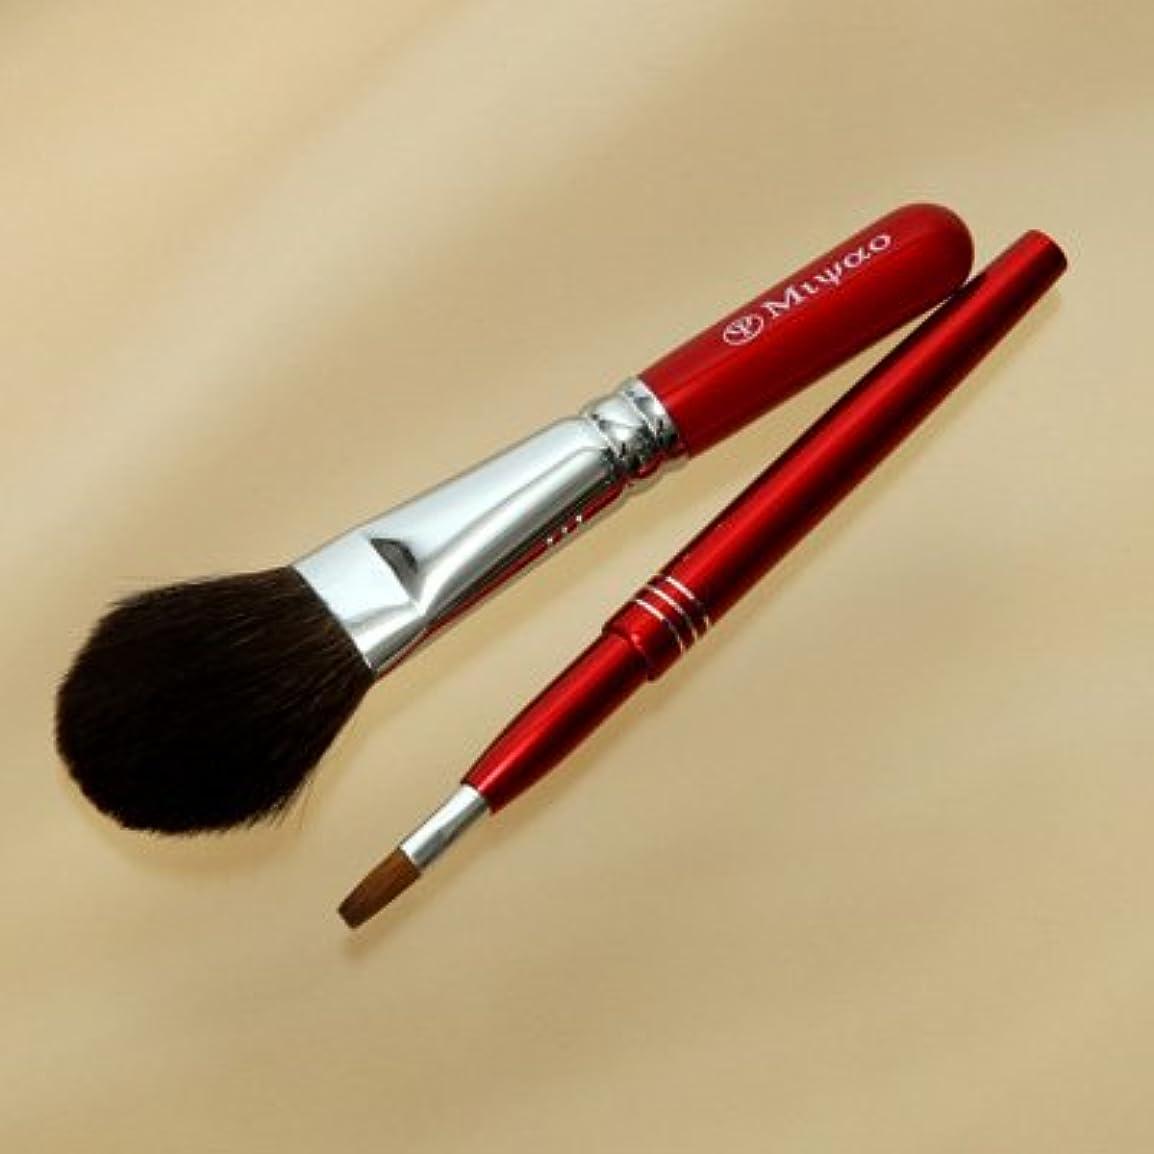 祝福するジャケット救援熊野化粧筆メイクブラシ2点セット [灰リス100%チークブラシ(S)&携帯リップブラシ]レッドパール